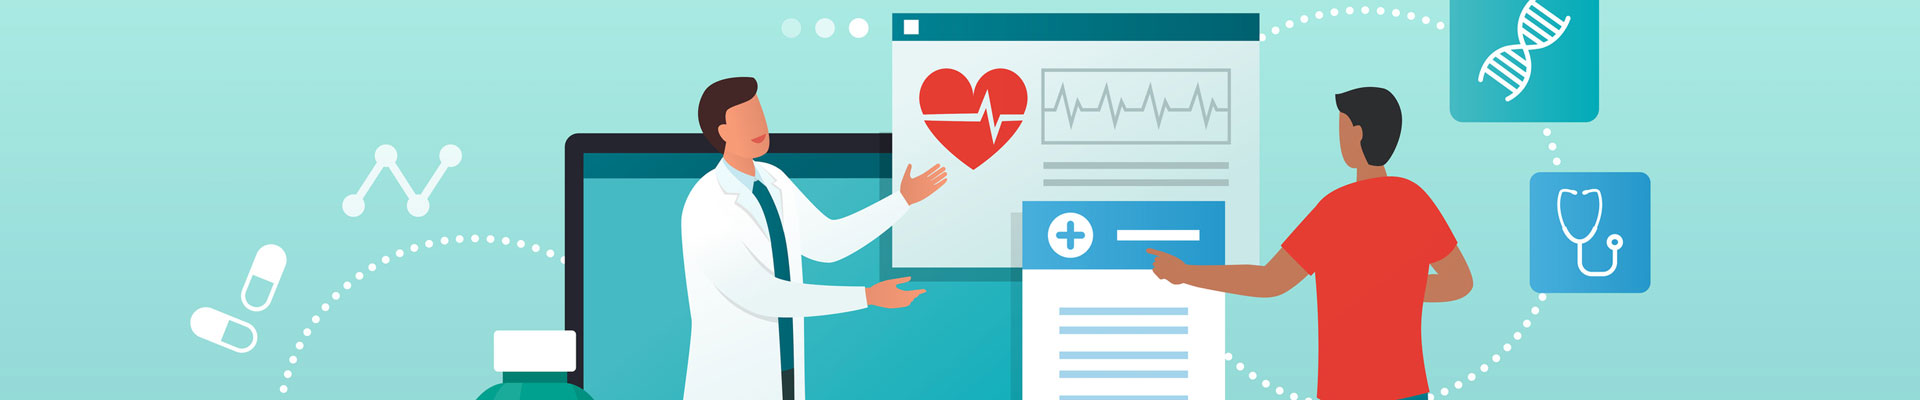 E-santé : les partenaires MACSF